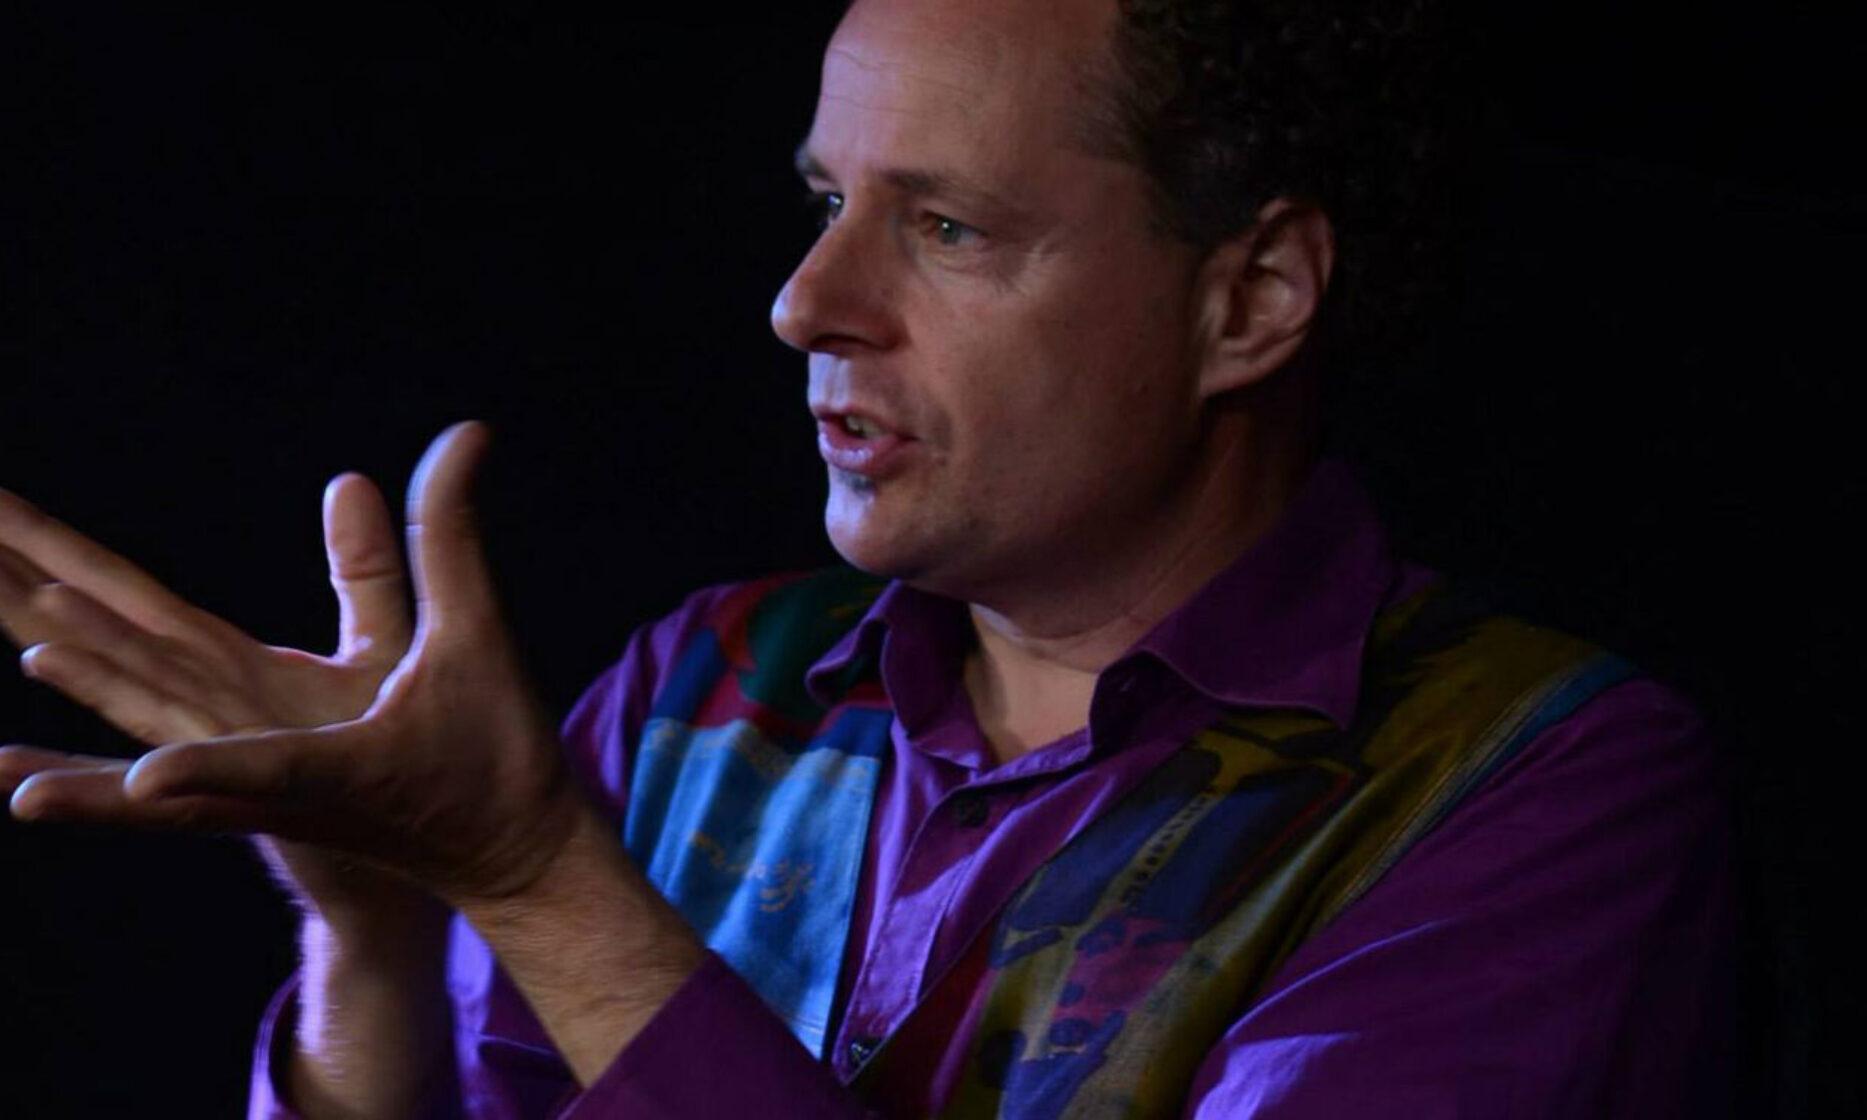 """Arie Vuyk: """"Verlichting is die lege kern waar je niet altijd bij kunt"""""""